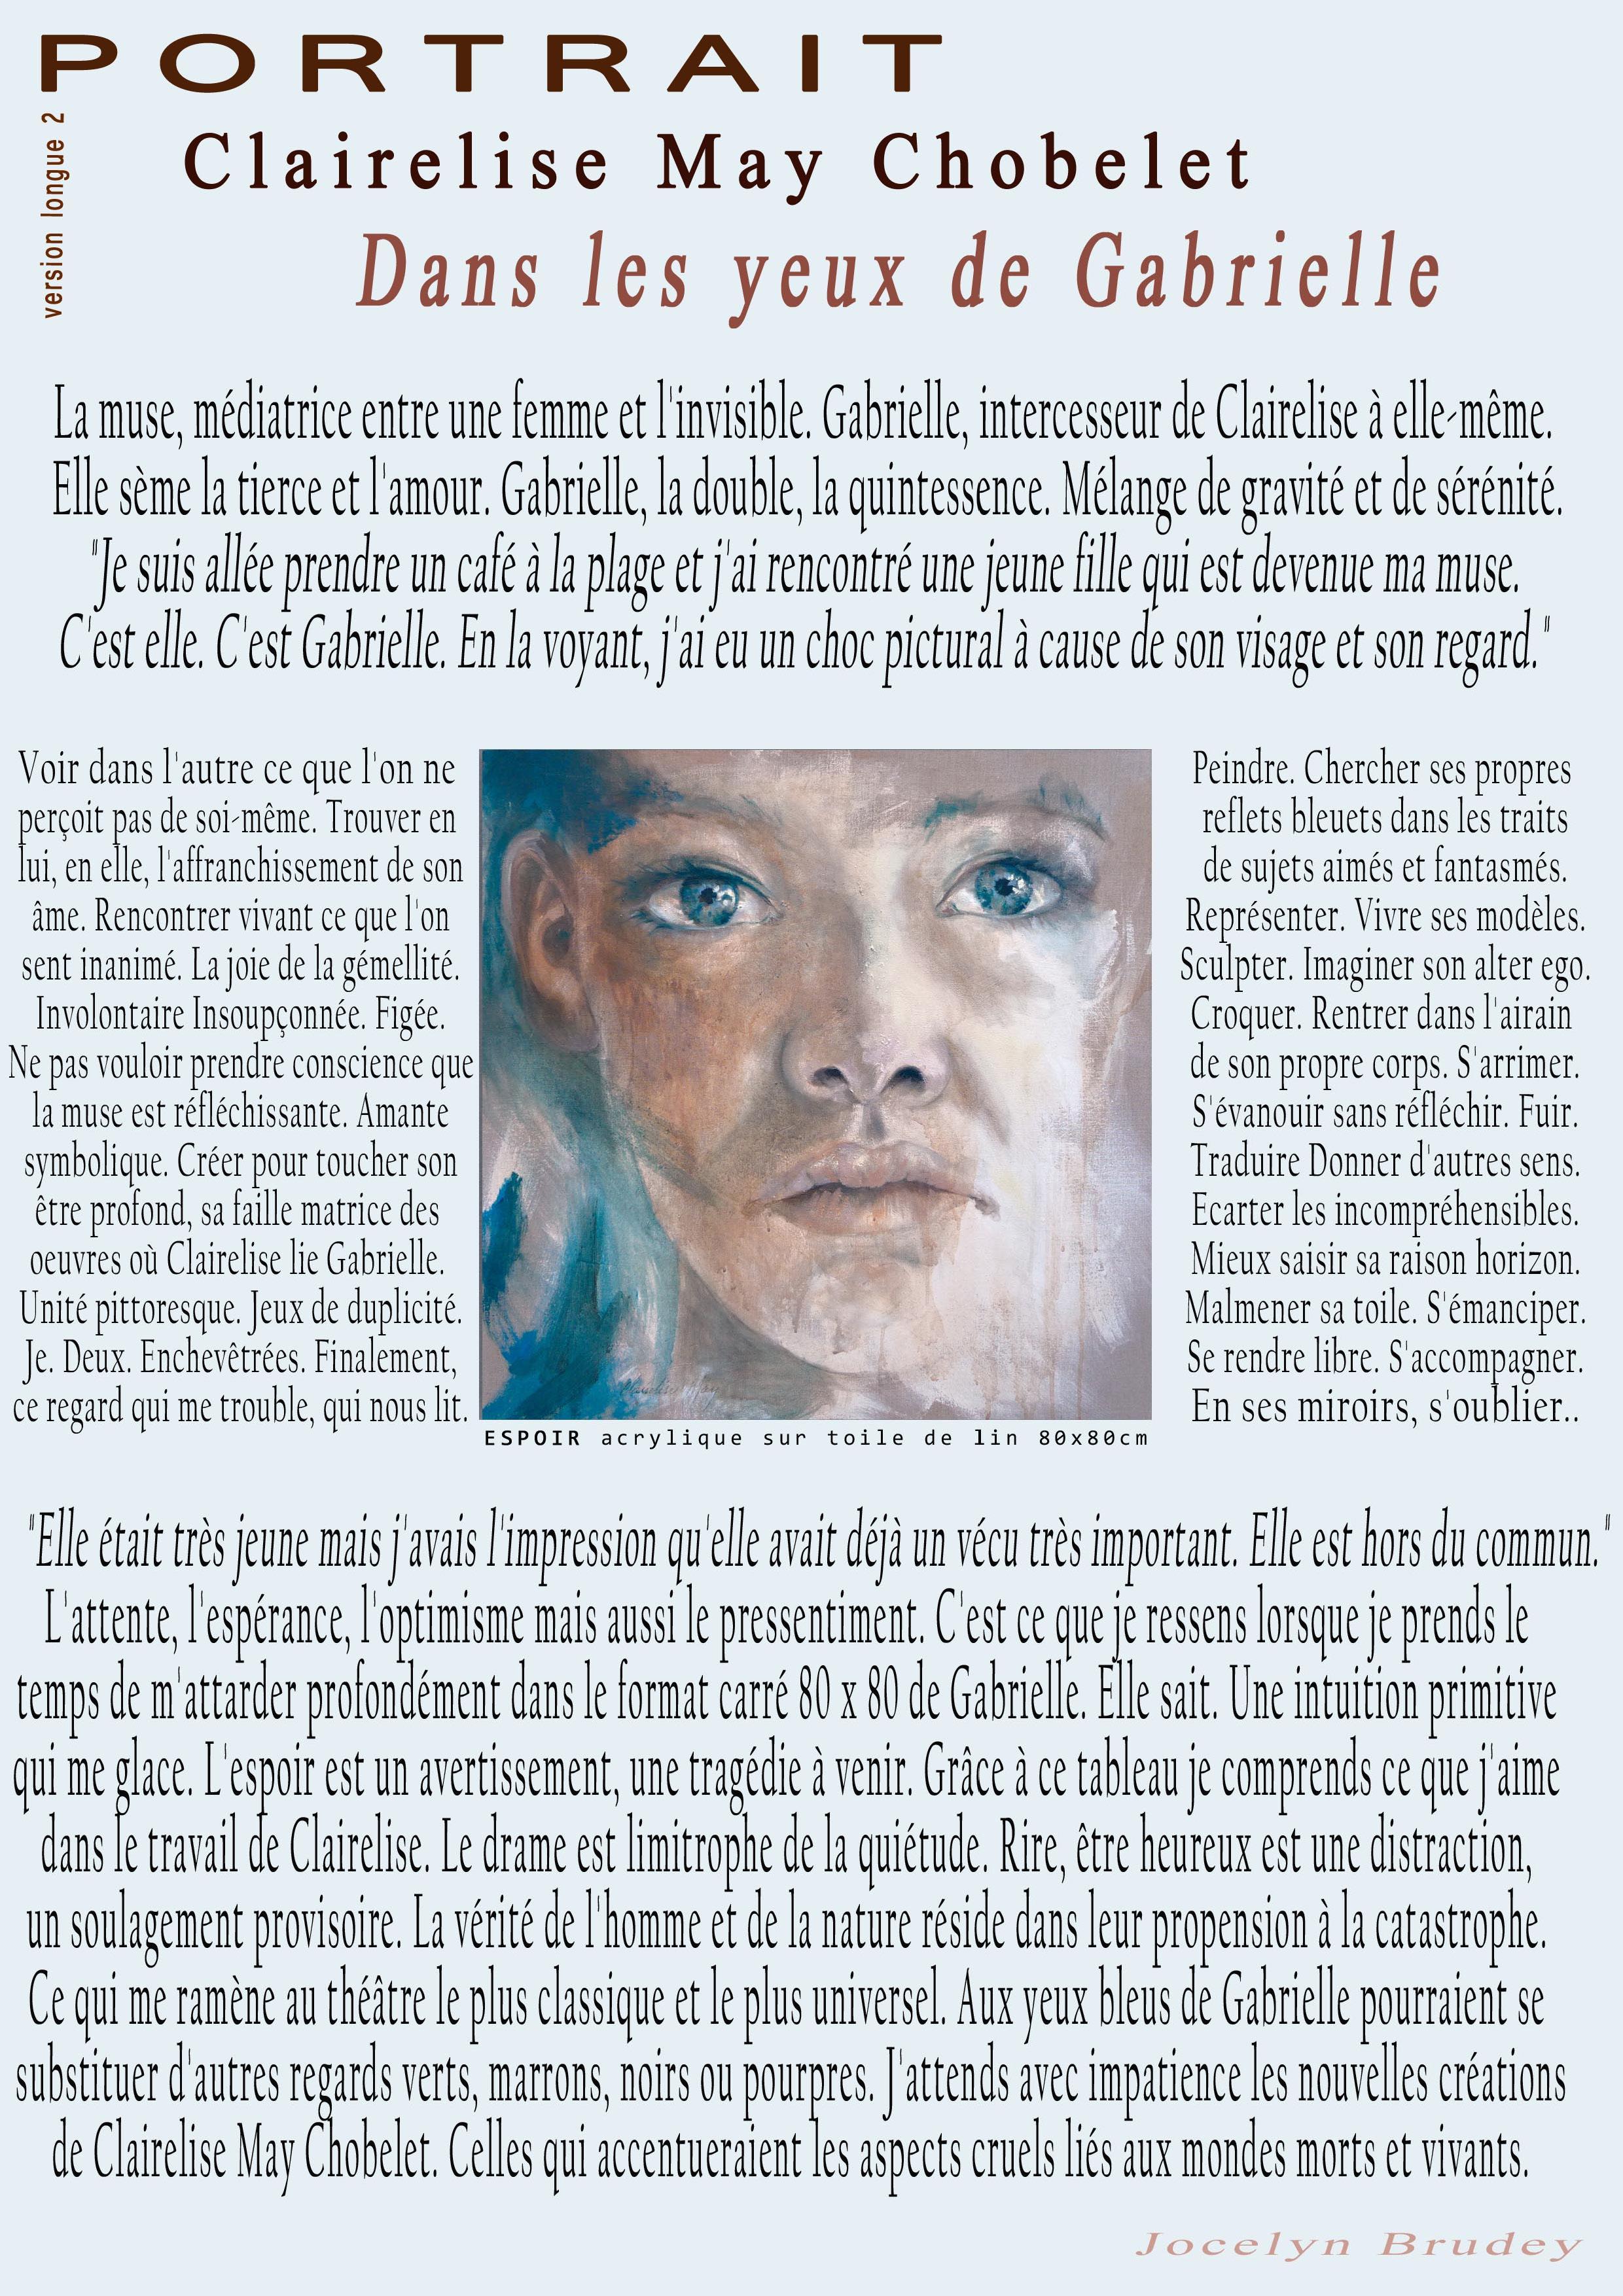 CHOBELET clairelise portrait 2